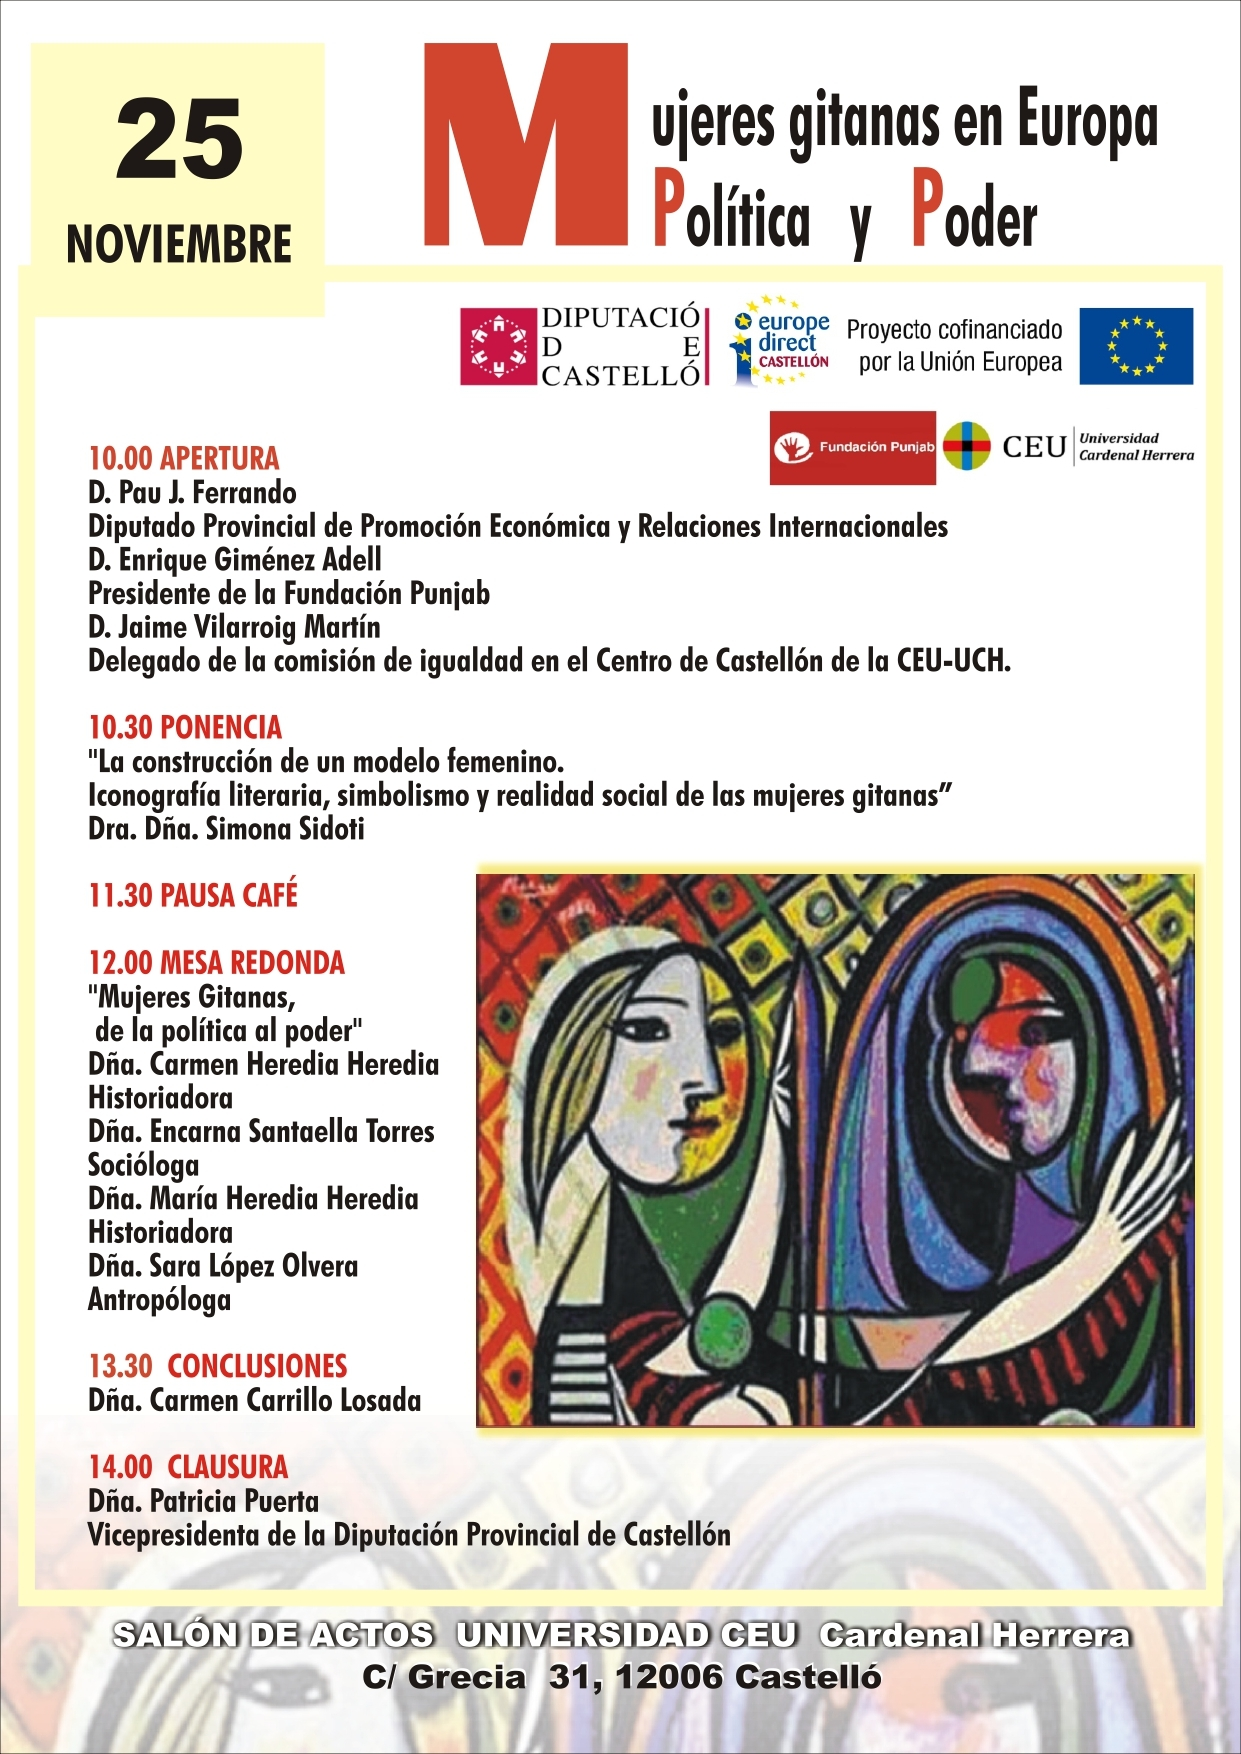 Seminario Europeo. Mujeres Gitanas en Europa: Política y Poder